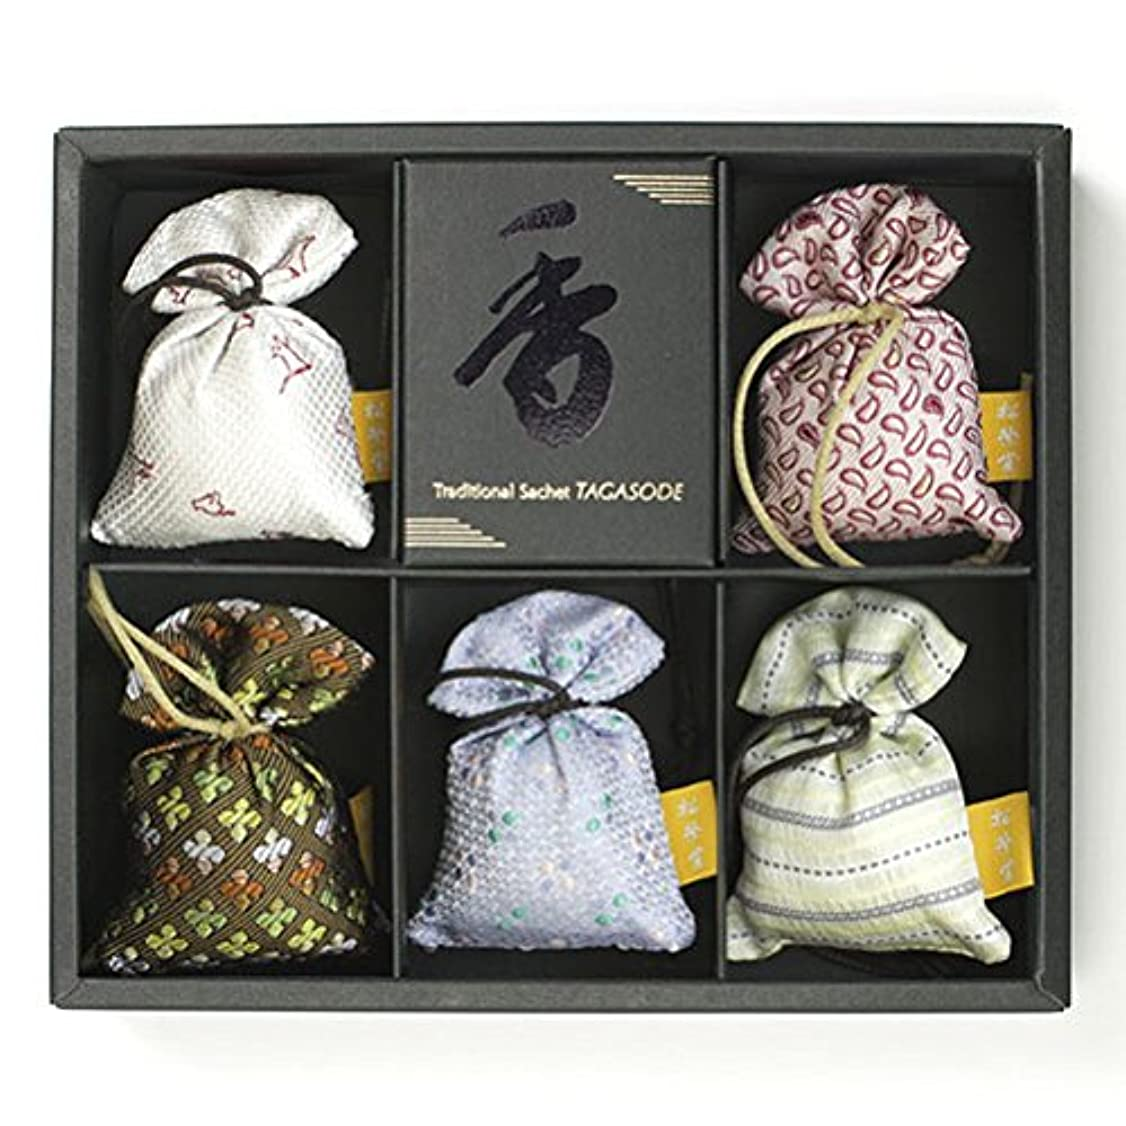 駐地早めるお香匂い袋 誰が袖 薫 かおる 5個入 松栄堂 Shoyeido 本体長さ60mm